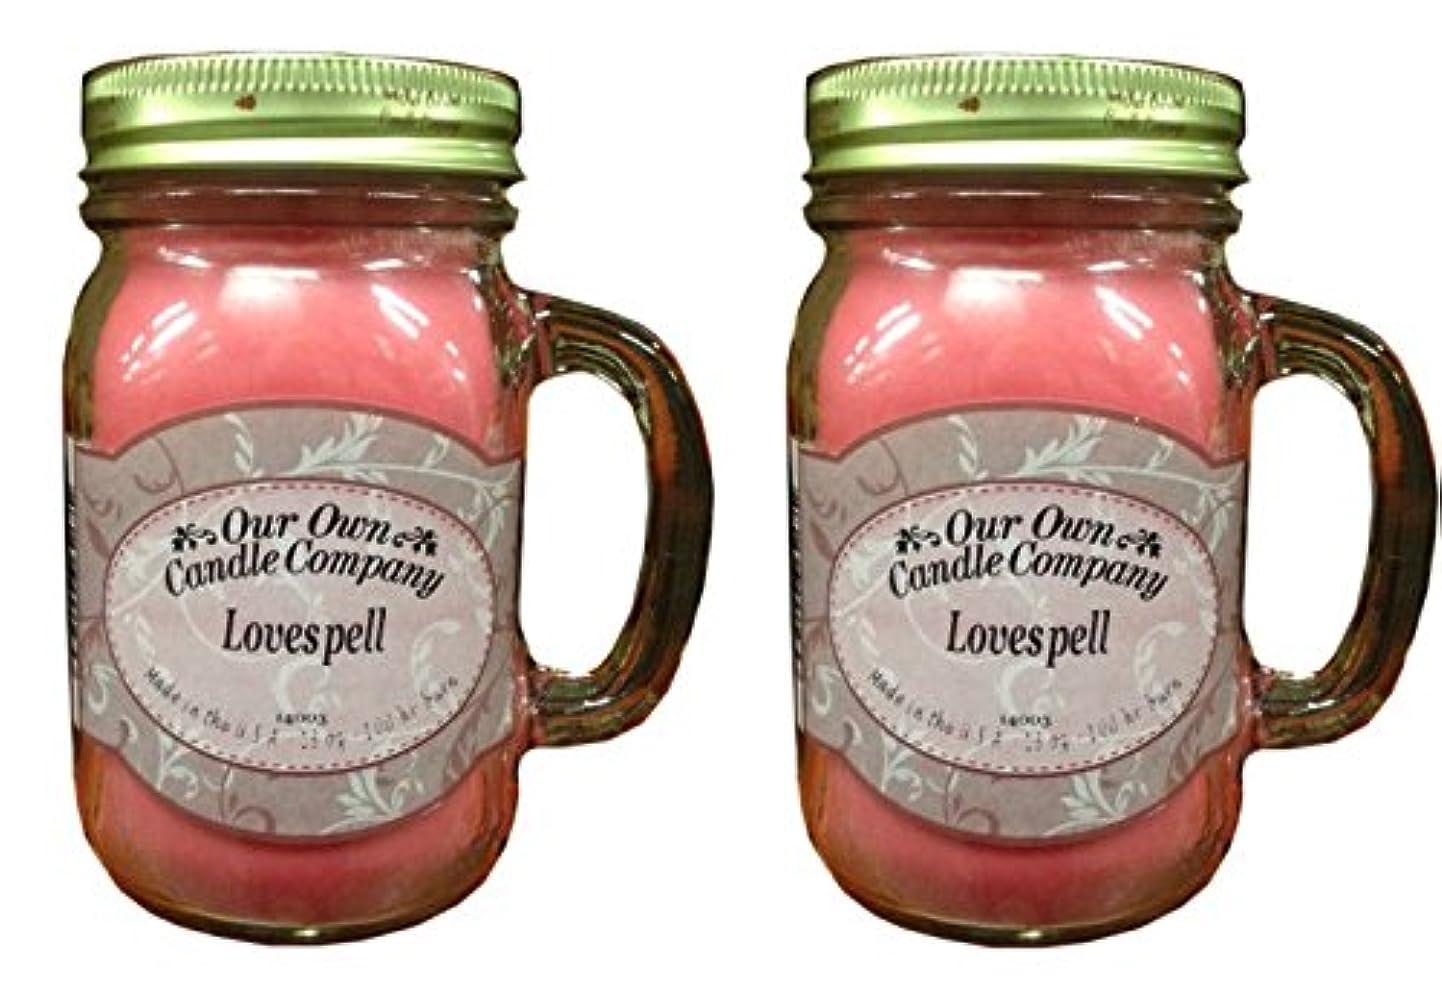 チロ焼く珍しいLovespell 13oz 2 - Pack香り大豆ブレンドキャンドルin Mason Jars Made by Our Own Candle Co in usa-100 HR BURN時間あたりCandle